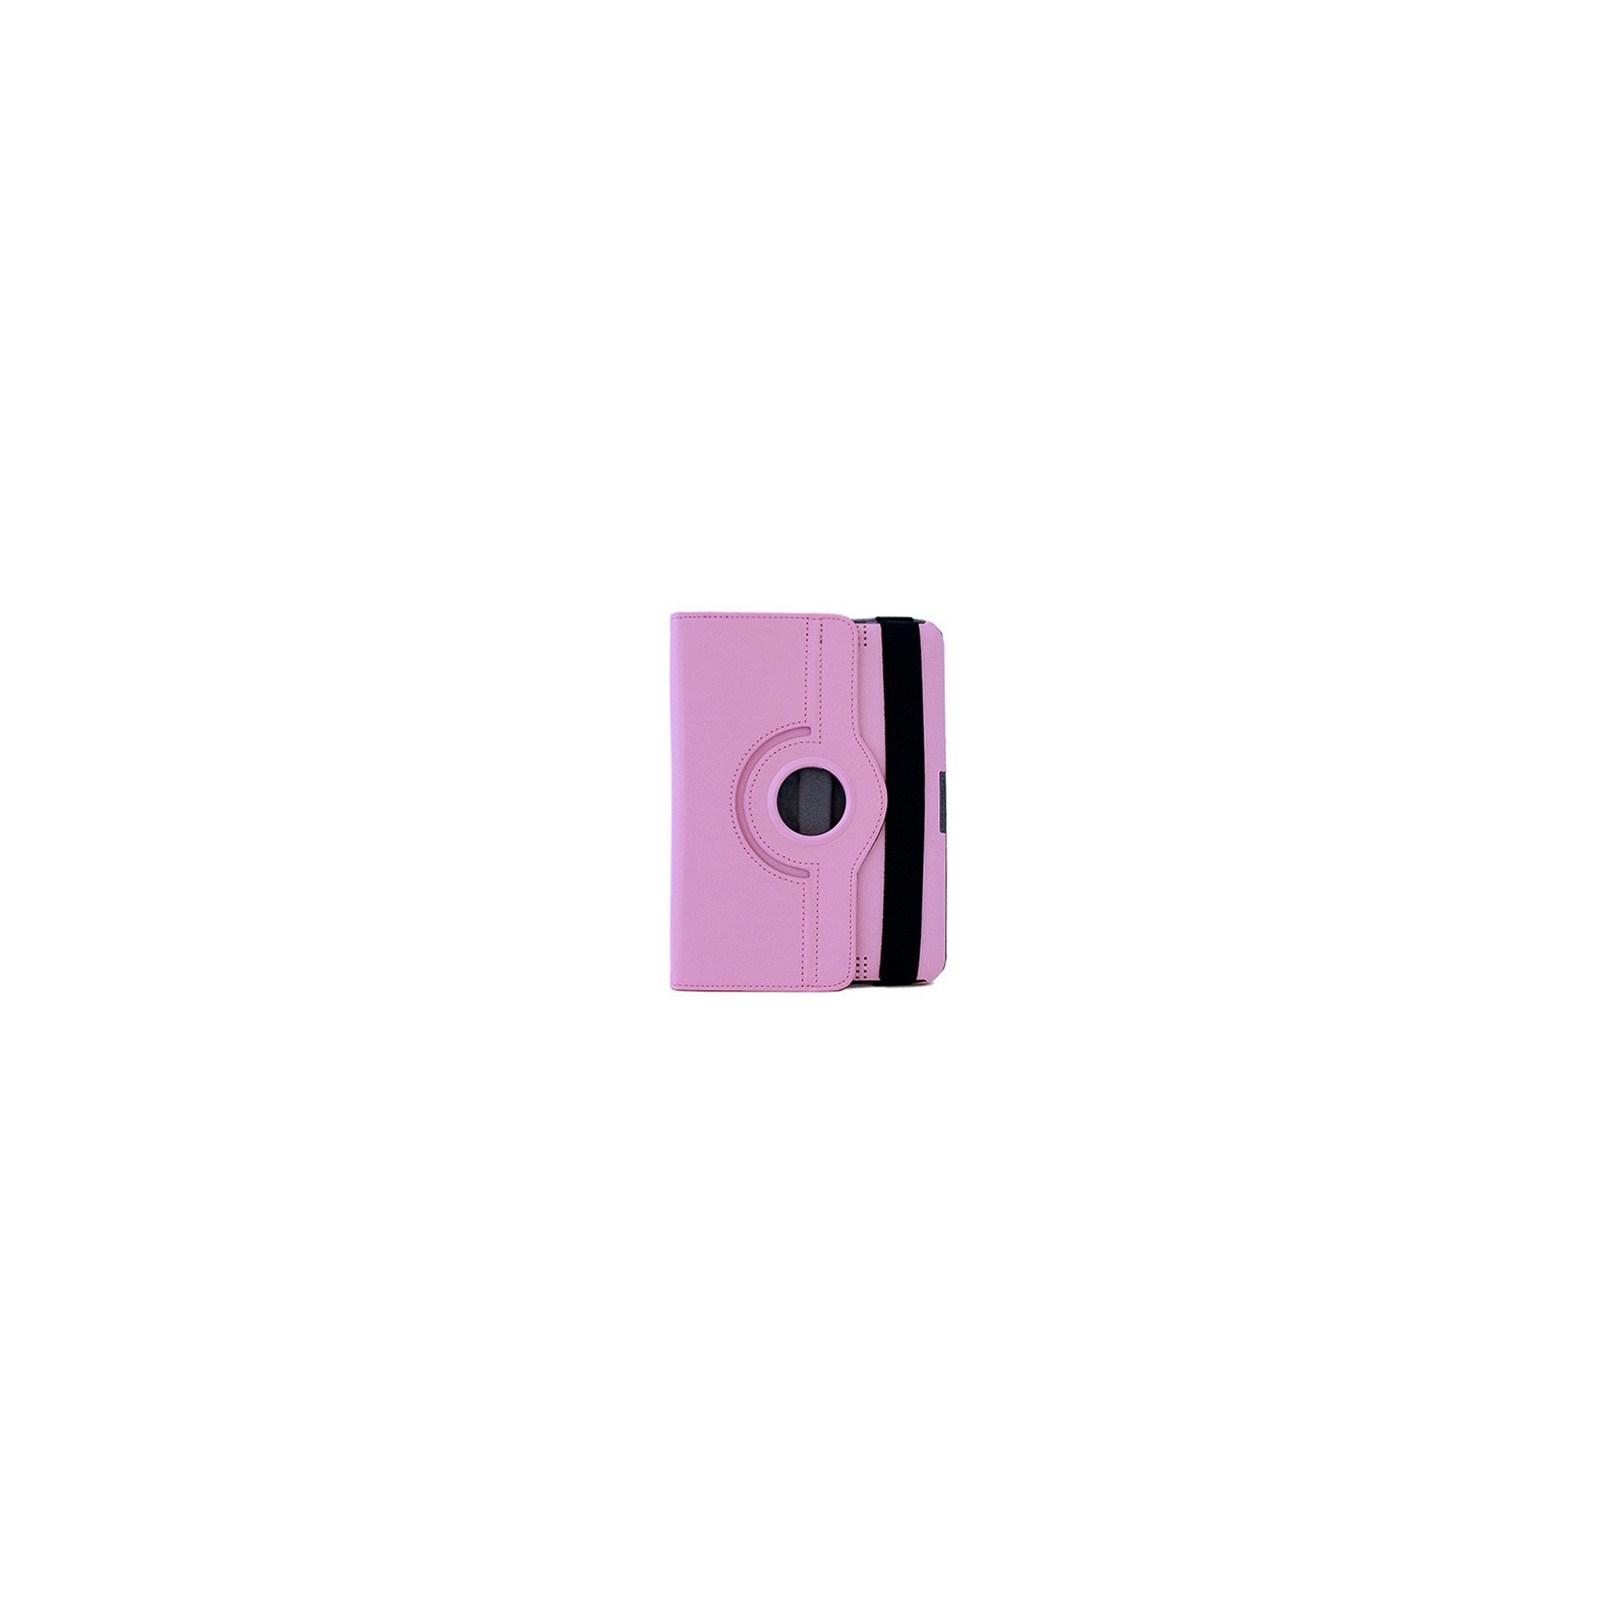 Чехол для планшета Drobak 7 Kindle Fire HD/Pink/ ротатор (217104)